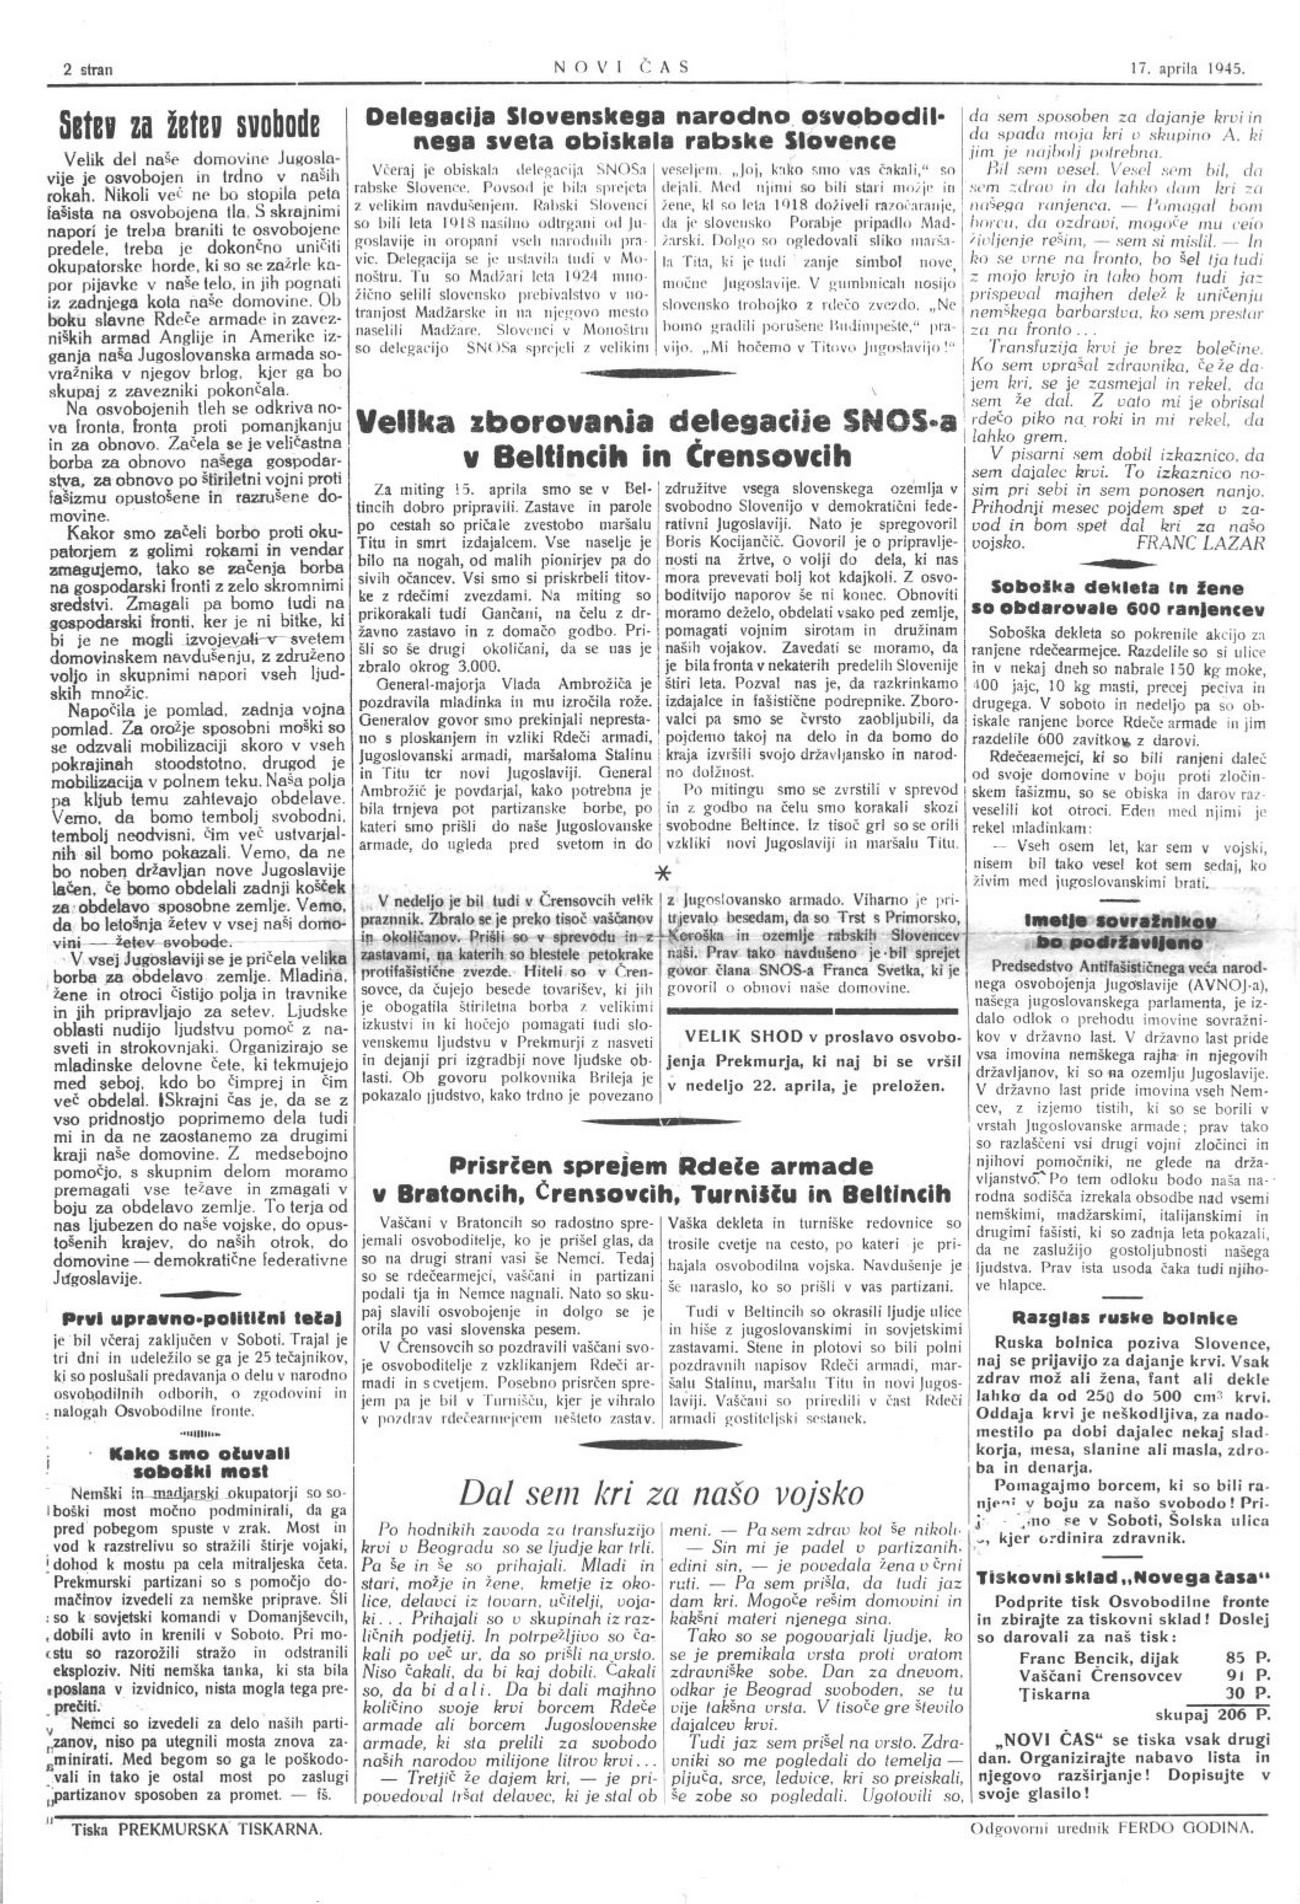 Novica o obisku delegacije Slovenskega narodnoosvobodilnega sveta v Porabju 16. aprila 1945. Novi čas, 17. 4. 1945.